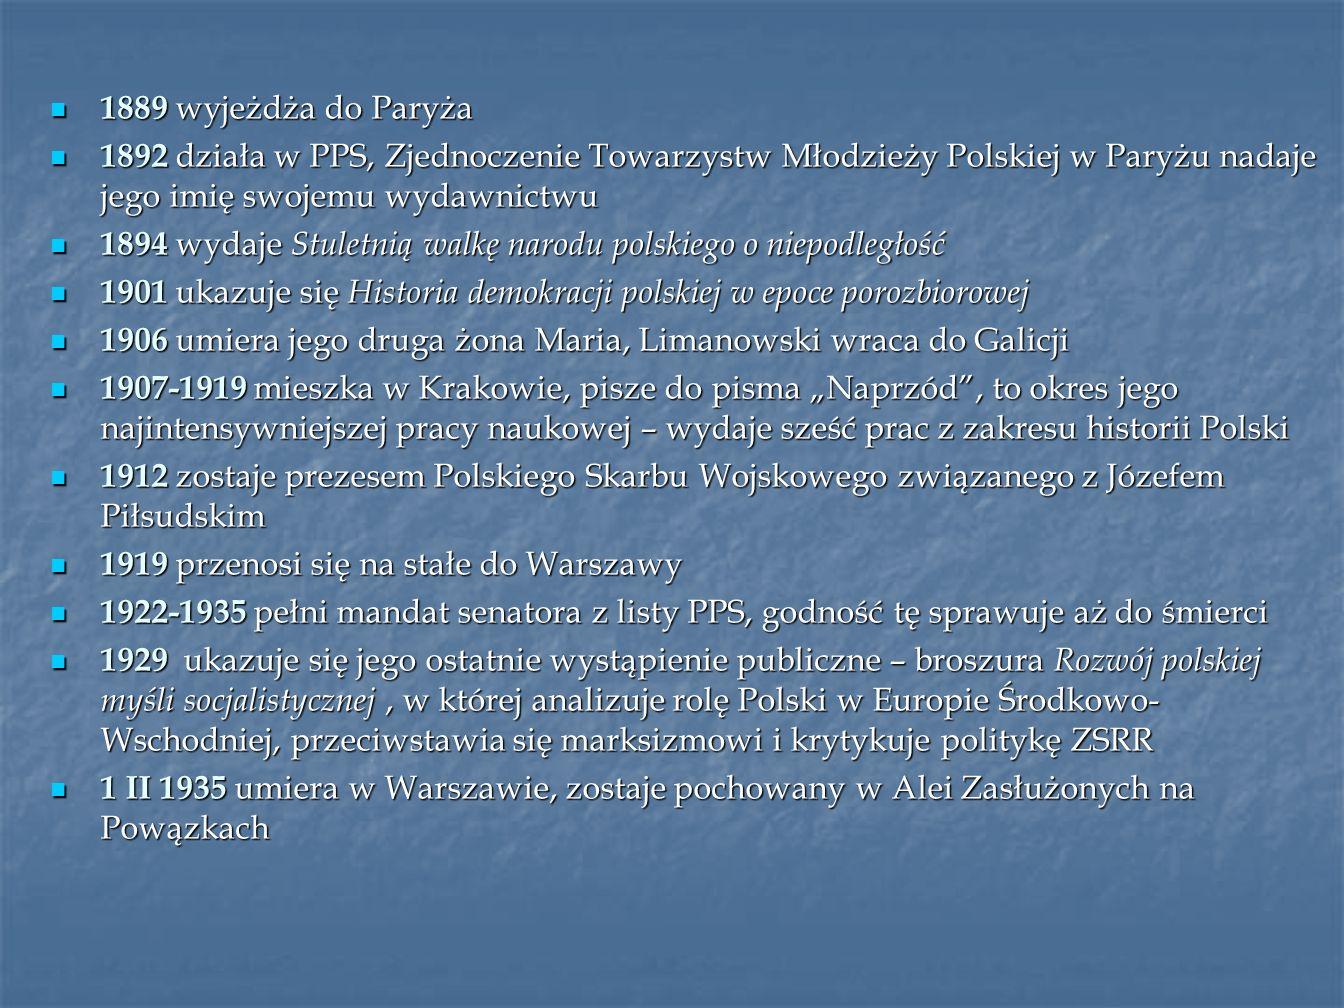 1889 wyjeżdża do Paryża 1892 działa w PPS, Zjednoczenie Towarzystw Młodzieży Polskiej w Paryżu nadaje jego imię swojemu wydawnictwu.